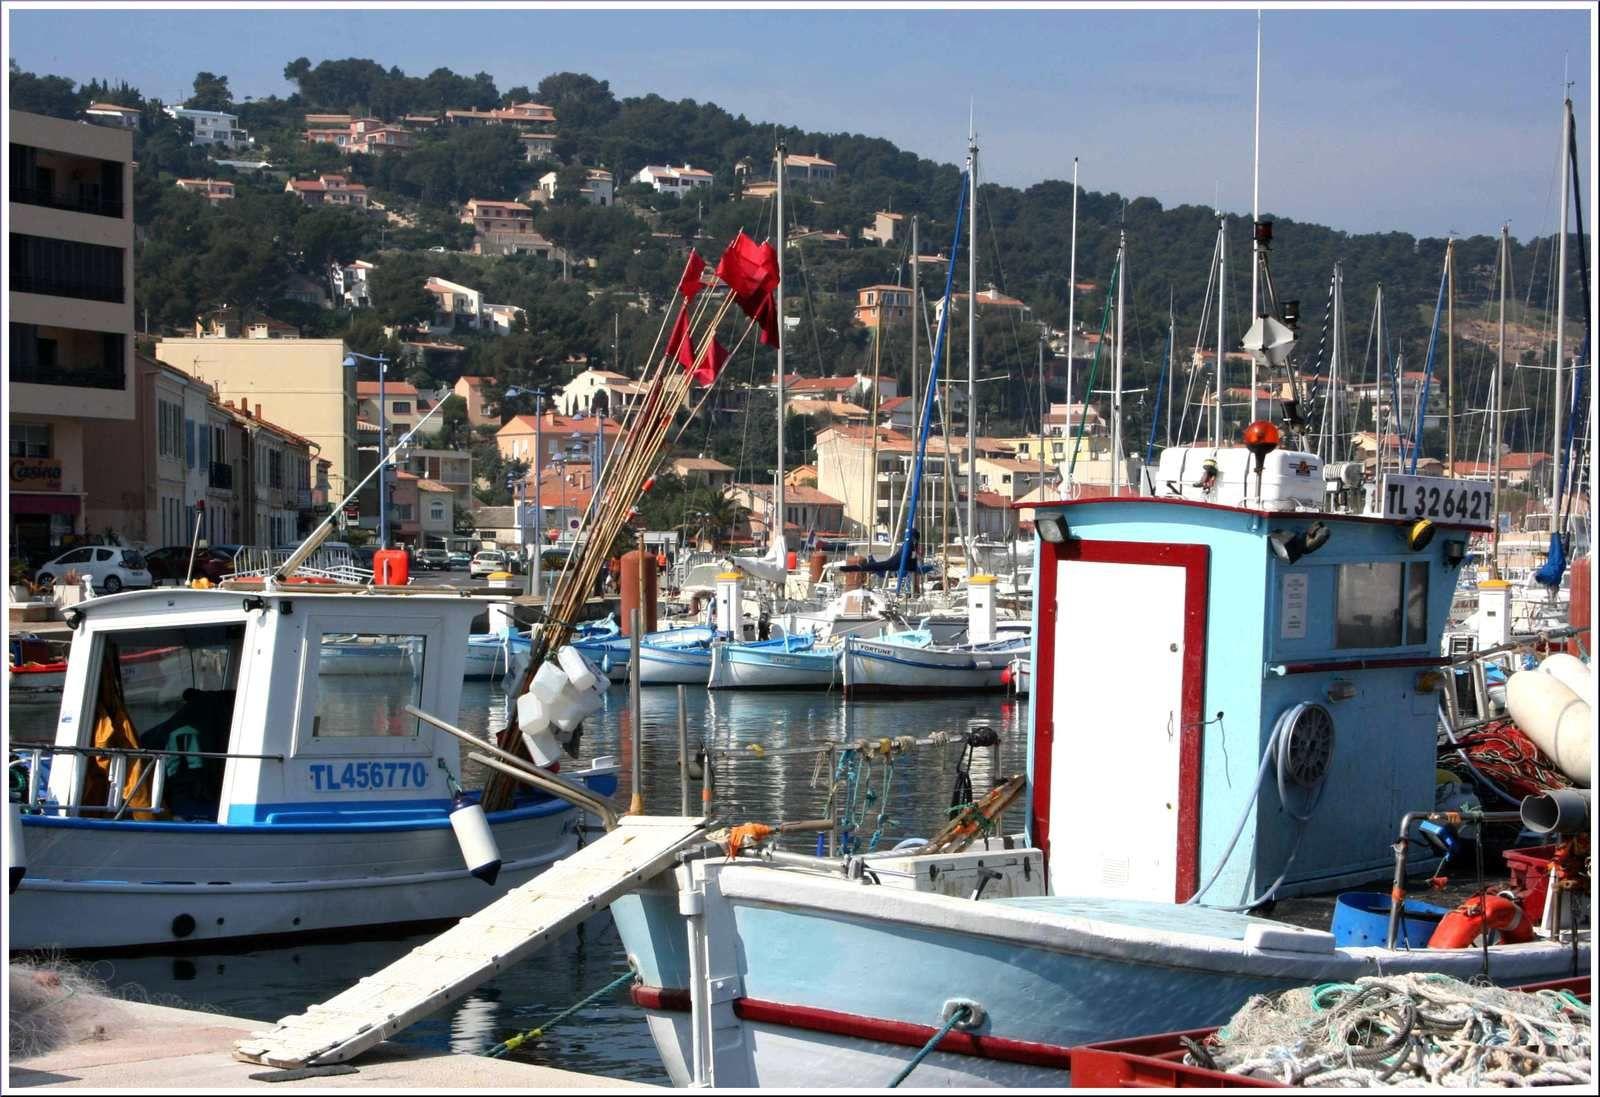 259 - La journée américaine à Saint Mandrier sur Mer, place des Résistants, port de plaisance et quai des pêcheurs,